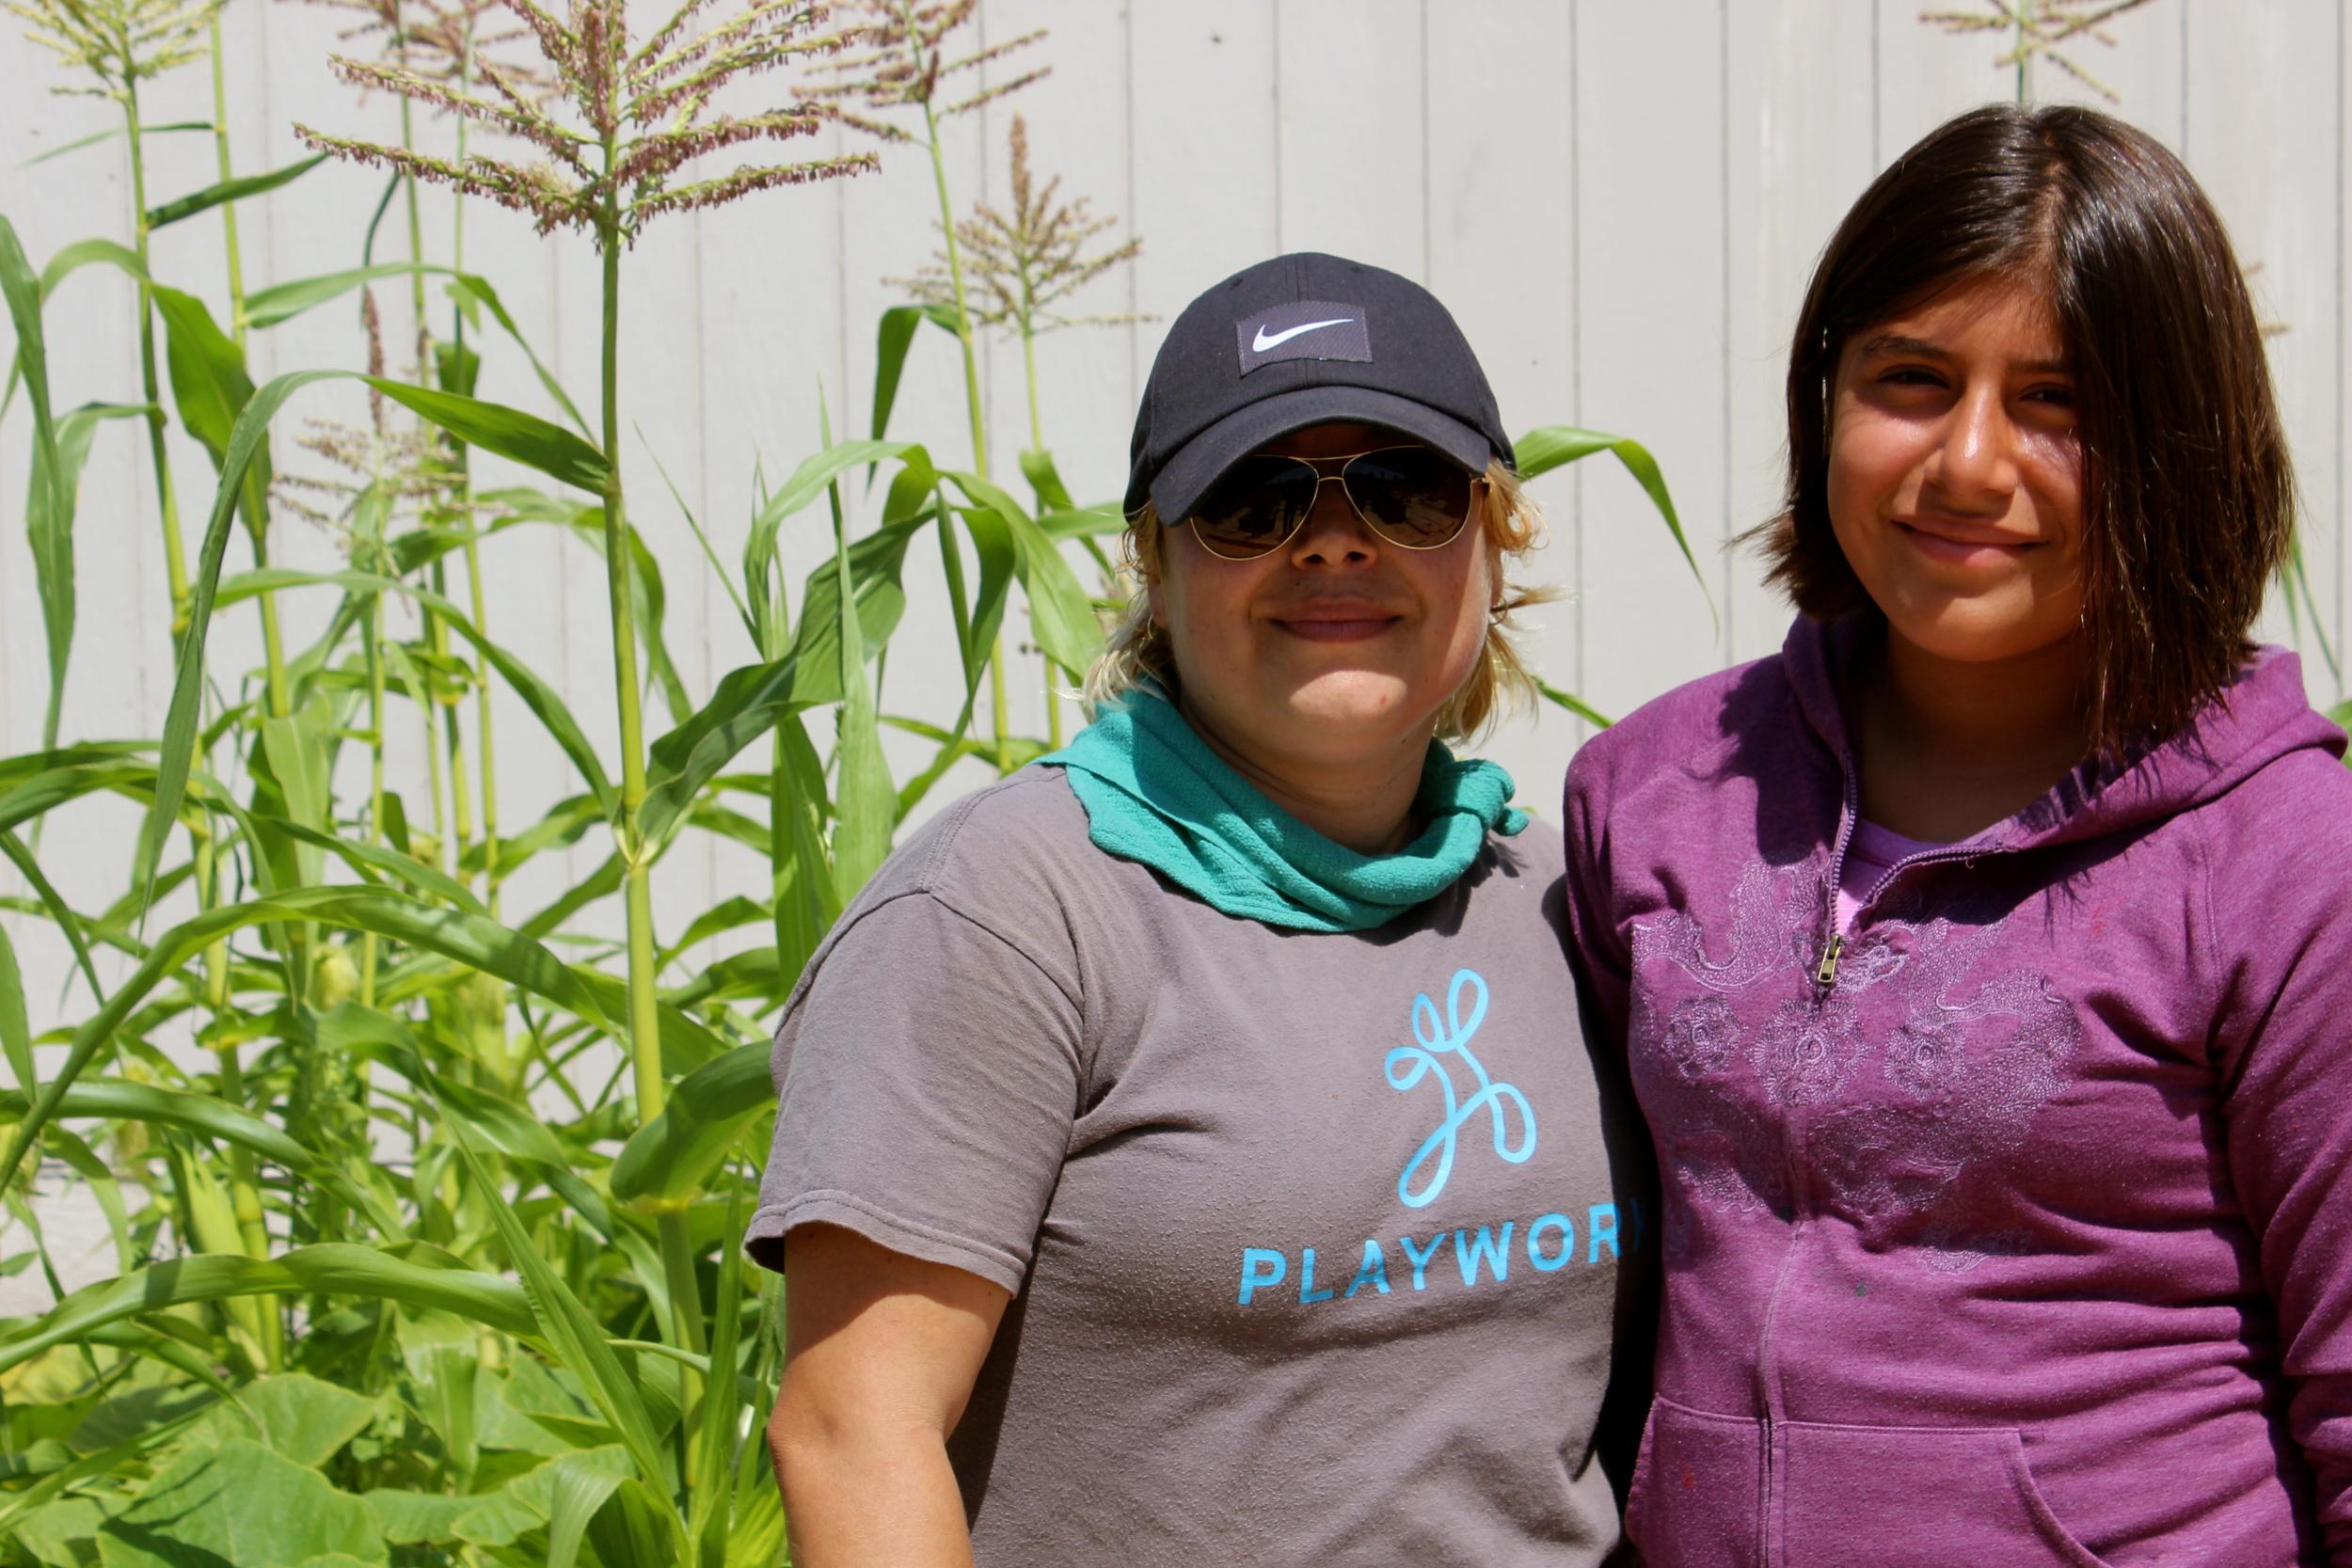 Kytty Naranjo and daughter Keilani Chacon